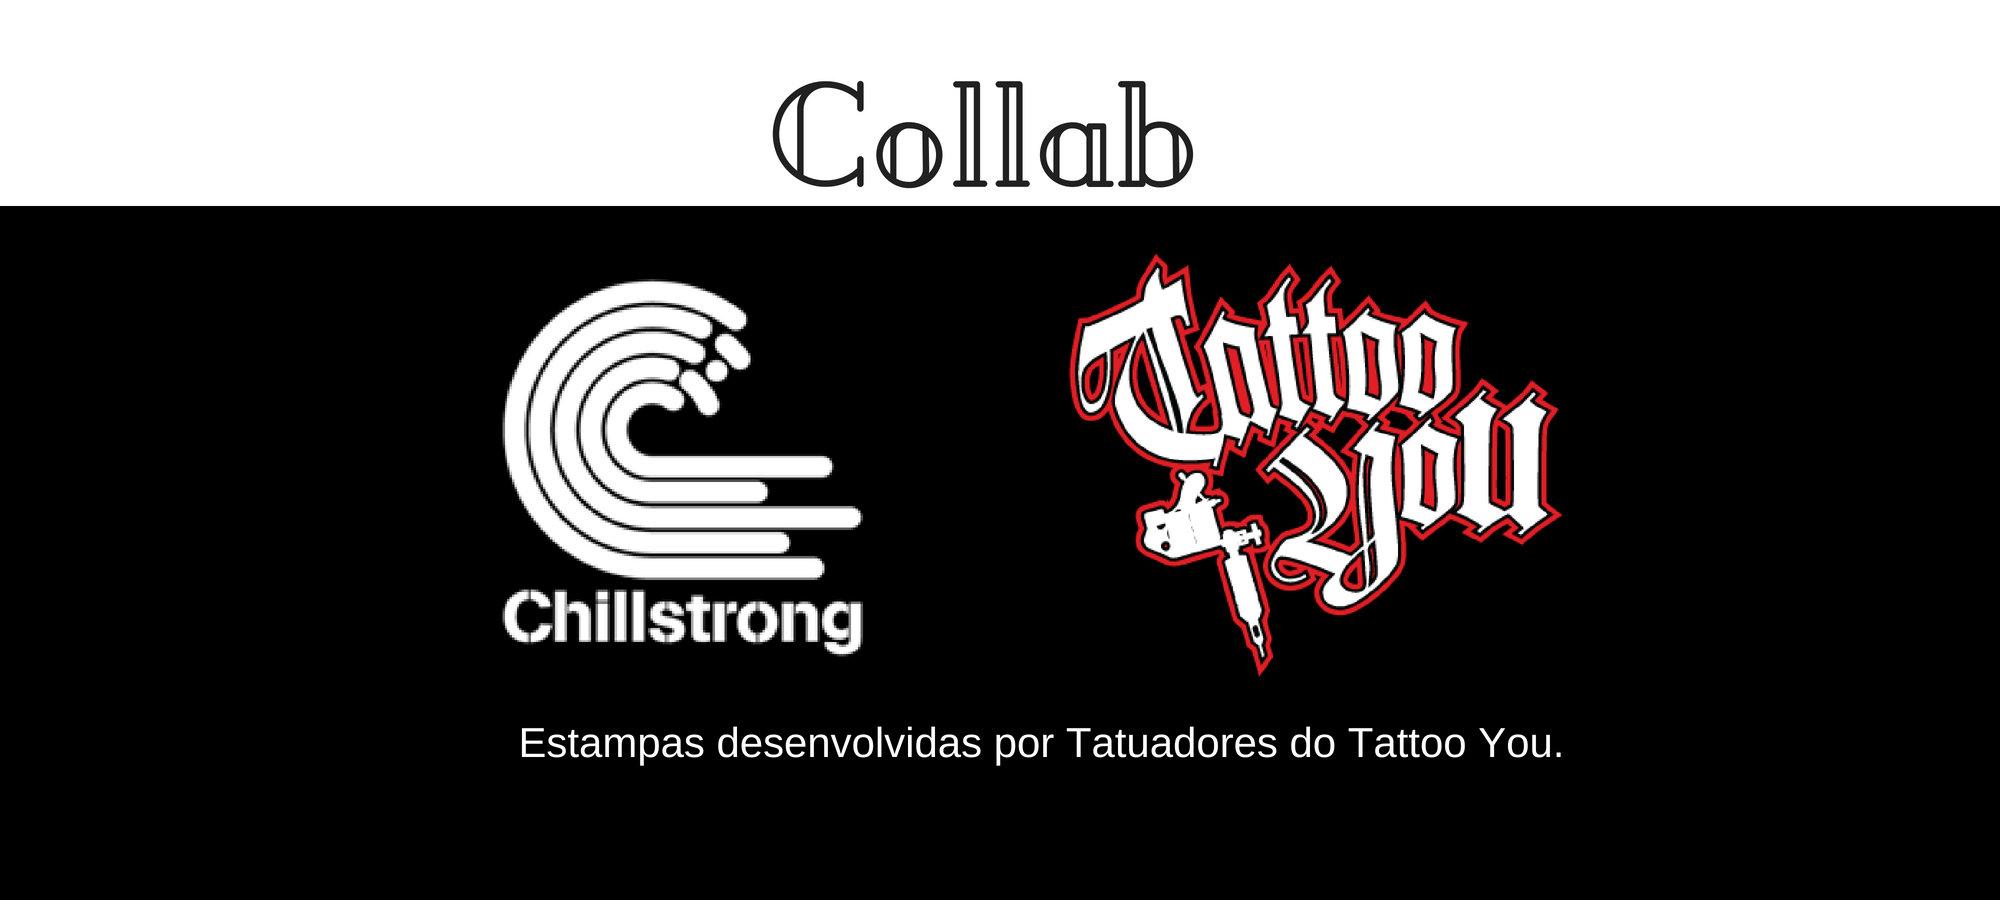 Collab com estampas desenvolvidas por Tatuadores do Tattoo You